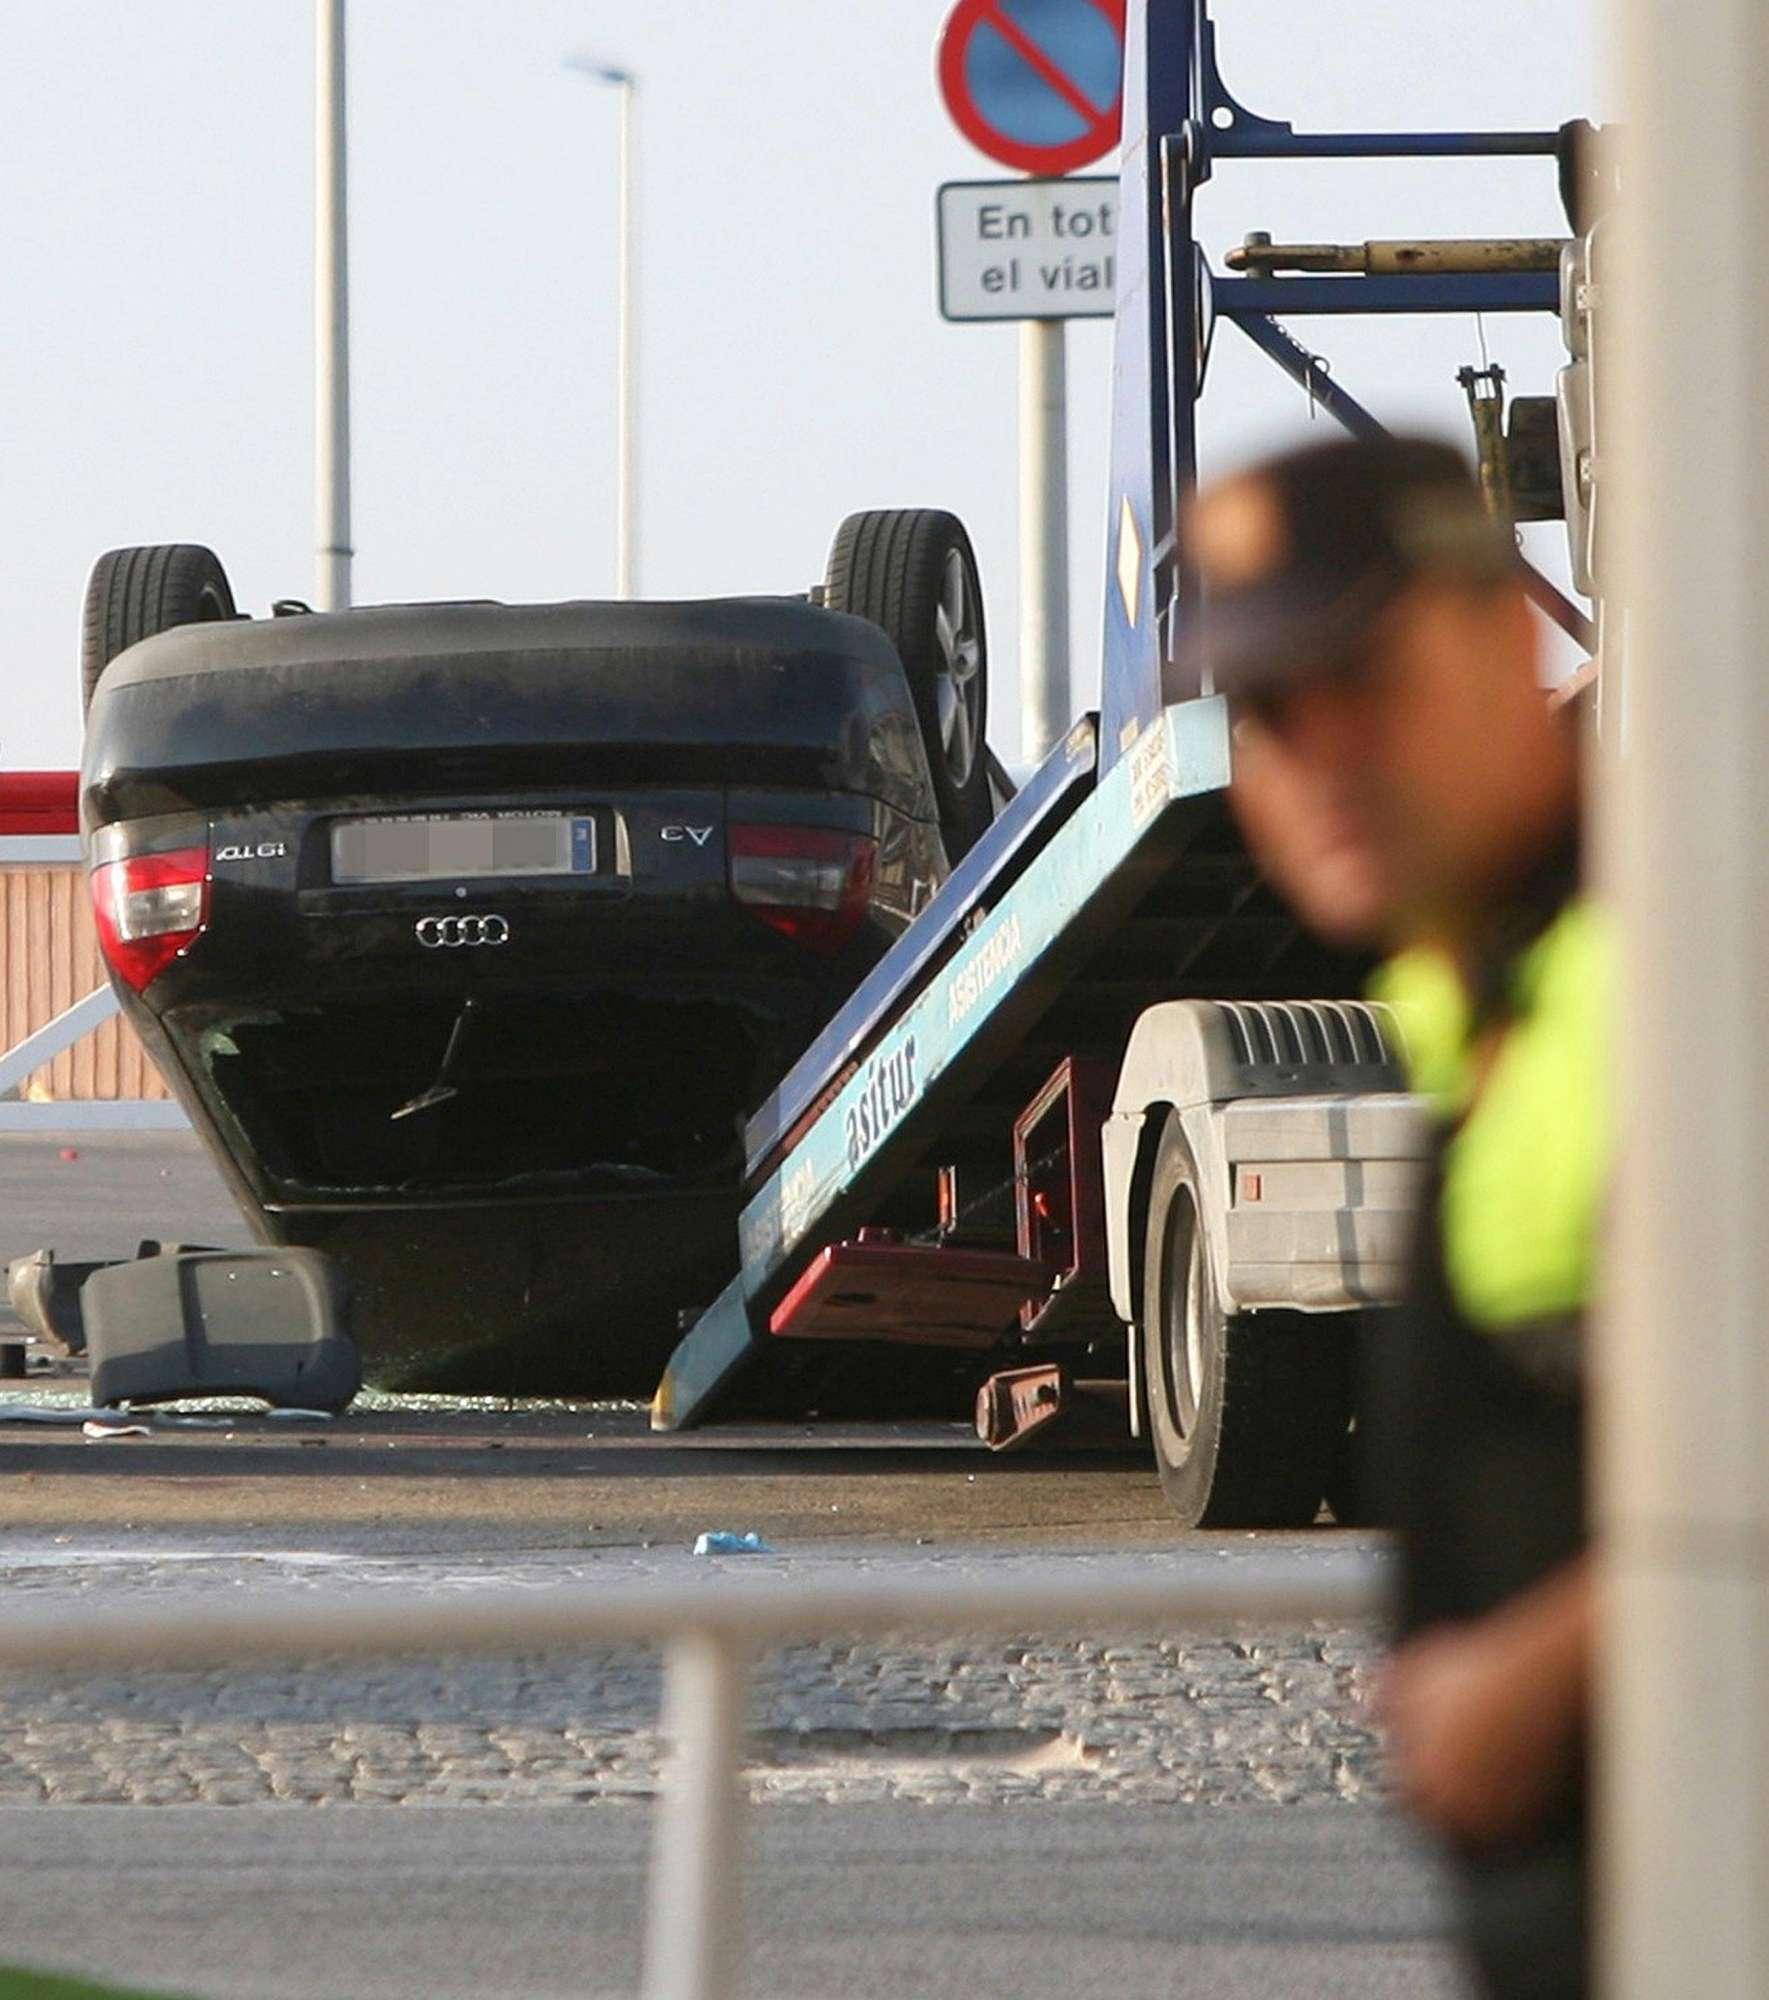 Dopo Barcellona, nuova tentata strage a Cambrils: uccisi 5 terroristi